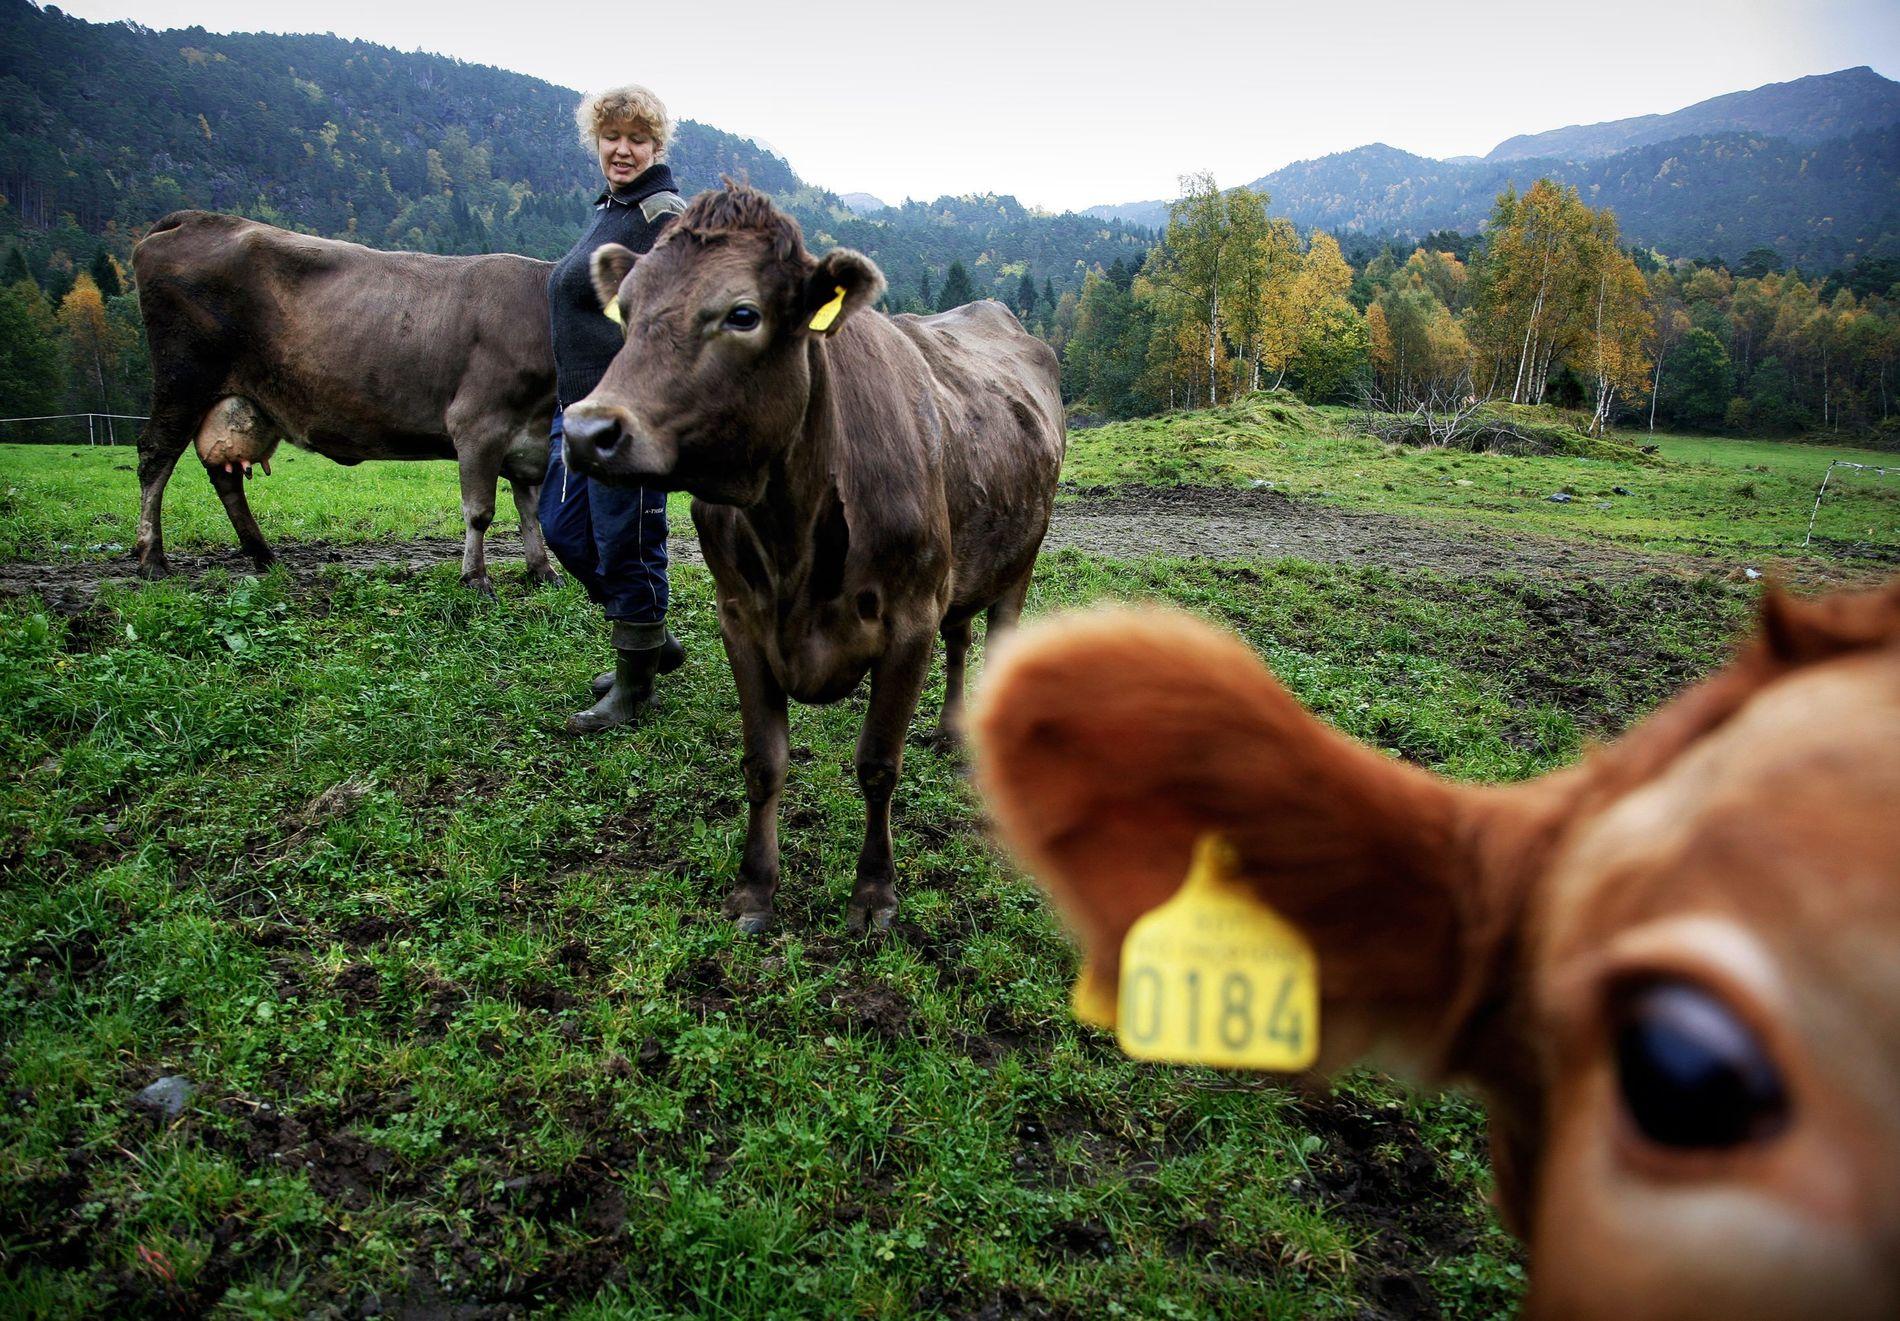 MILJØBYRDE: Å avstå fra kjøtt og meieriprodukter er den mest effektive måten å begrense den enkeltes klimaavtrykk på, ifølge forskere. Dessuten fremmer en kjøttfri diett både helse og dyrevelferd.